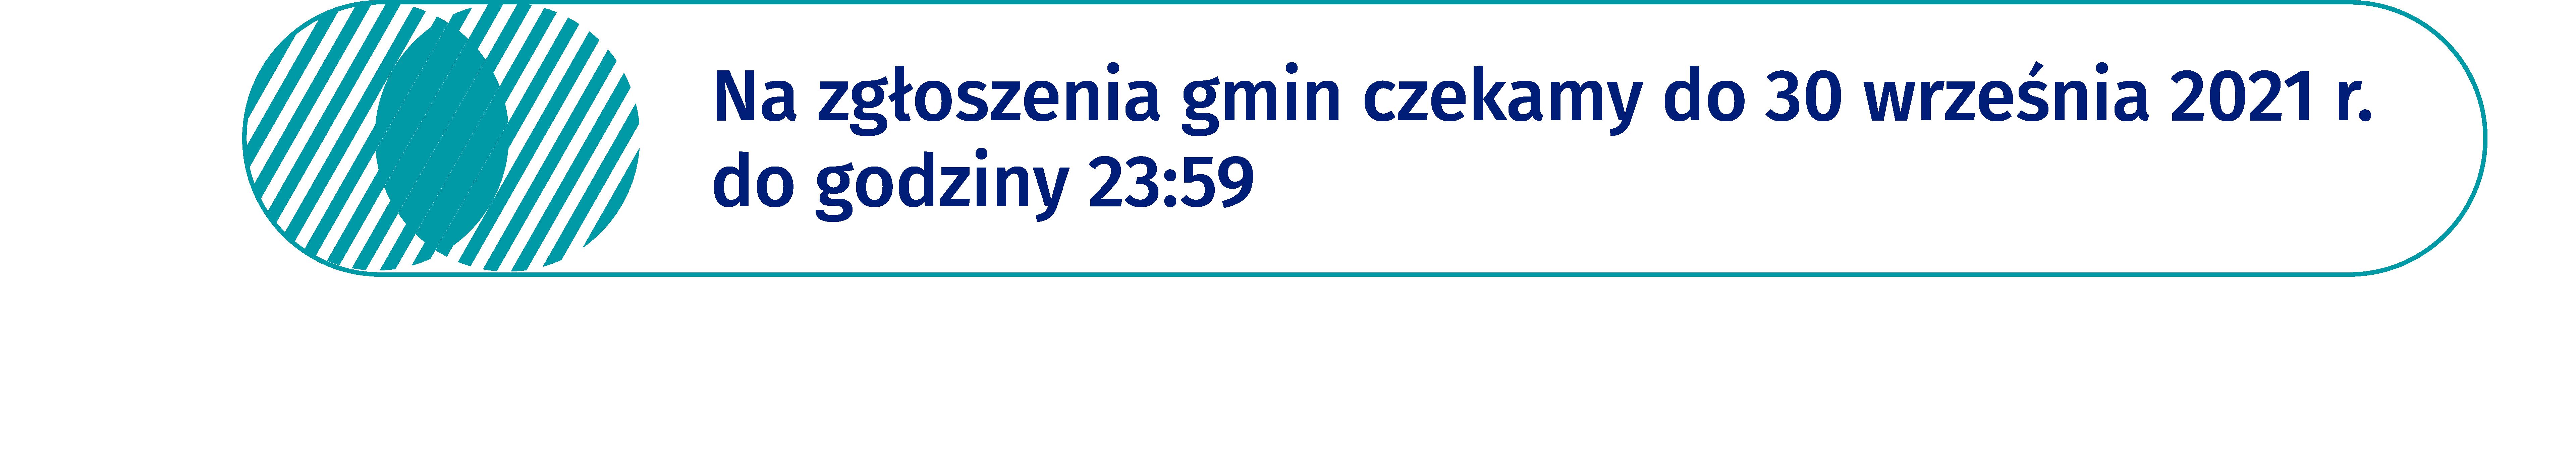 """ramka zielona, zozdobnym okręgiem polewej stronie, napis """"nazgłoszenia gmin czekamy do30 września dogodziny 23:59"""""""